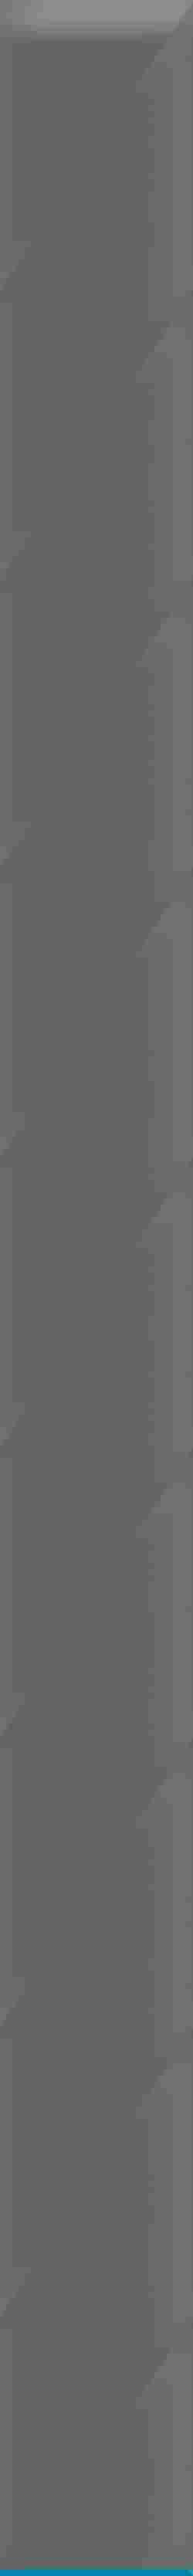 Paradyż Uniwersalna Listwa Szklana Azurro